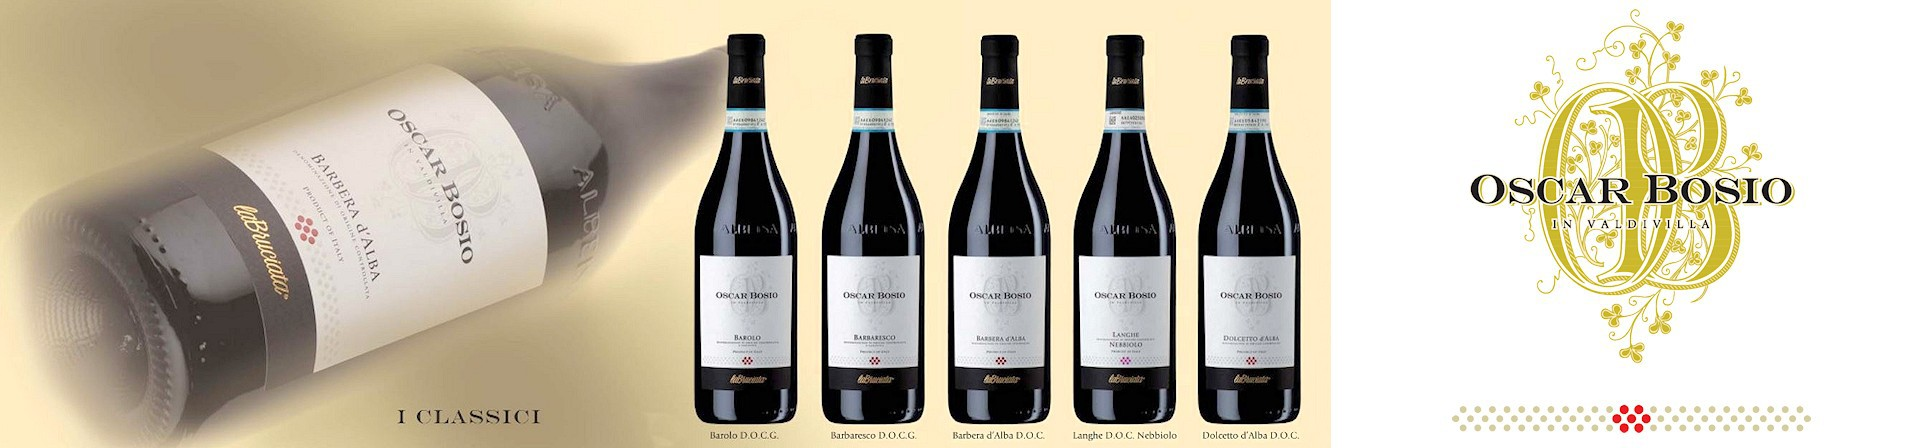 B2B GUSTOX - il Marketplace all'ingrosso delle eccellenze agroalimentari italiane - Vini OSCAR BOSIO